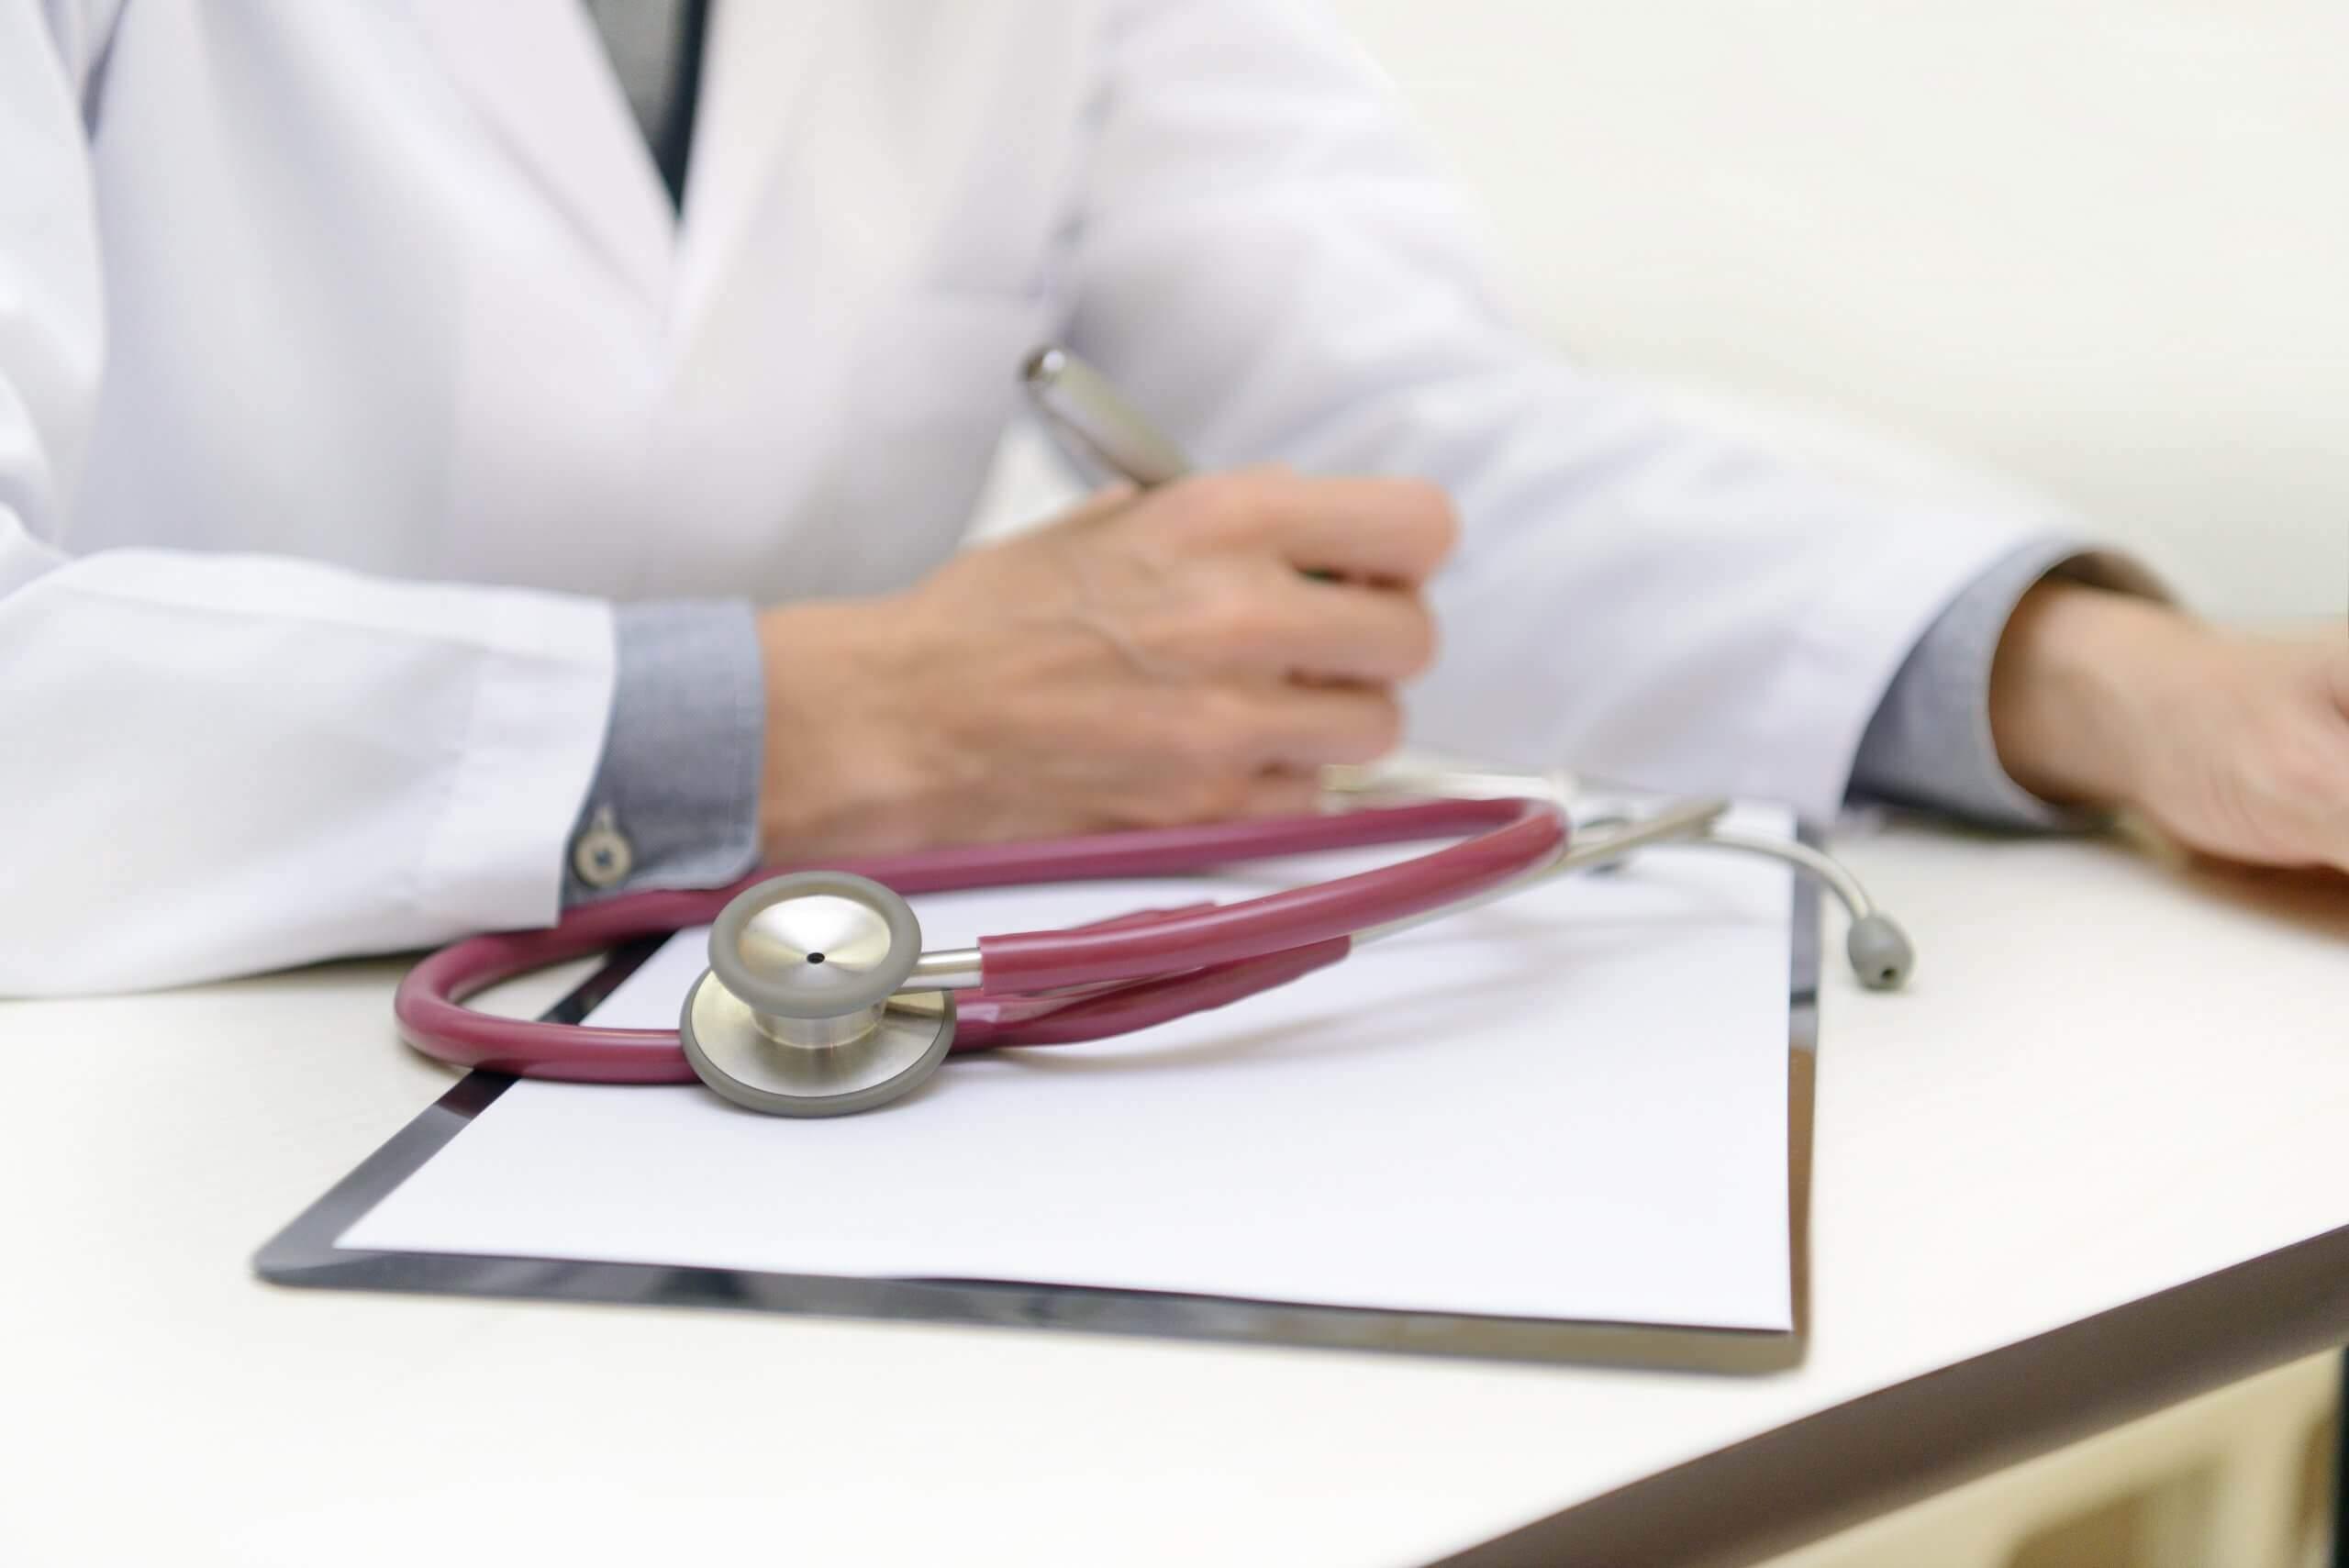 médico erro diagnóstico